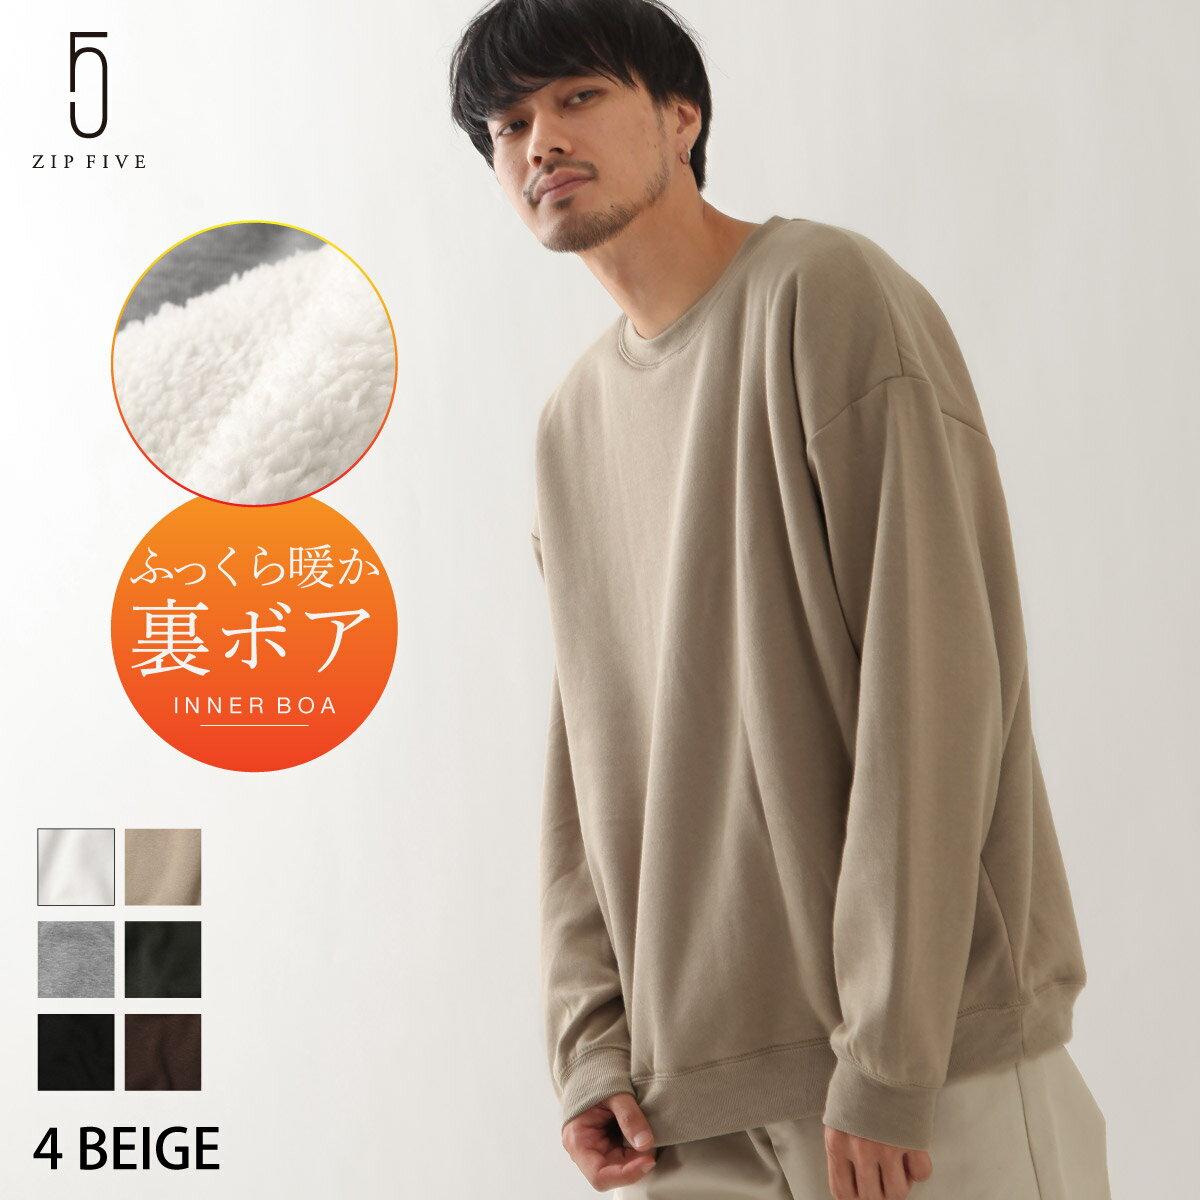 寬版針織運動衫 長袖 0